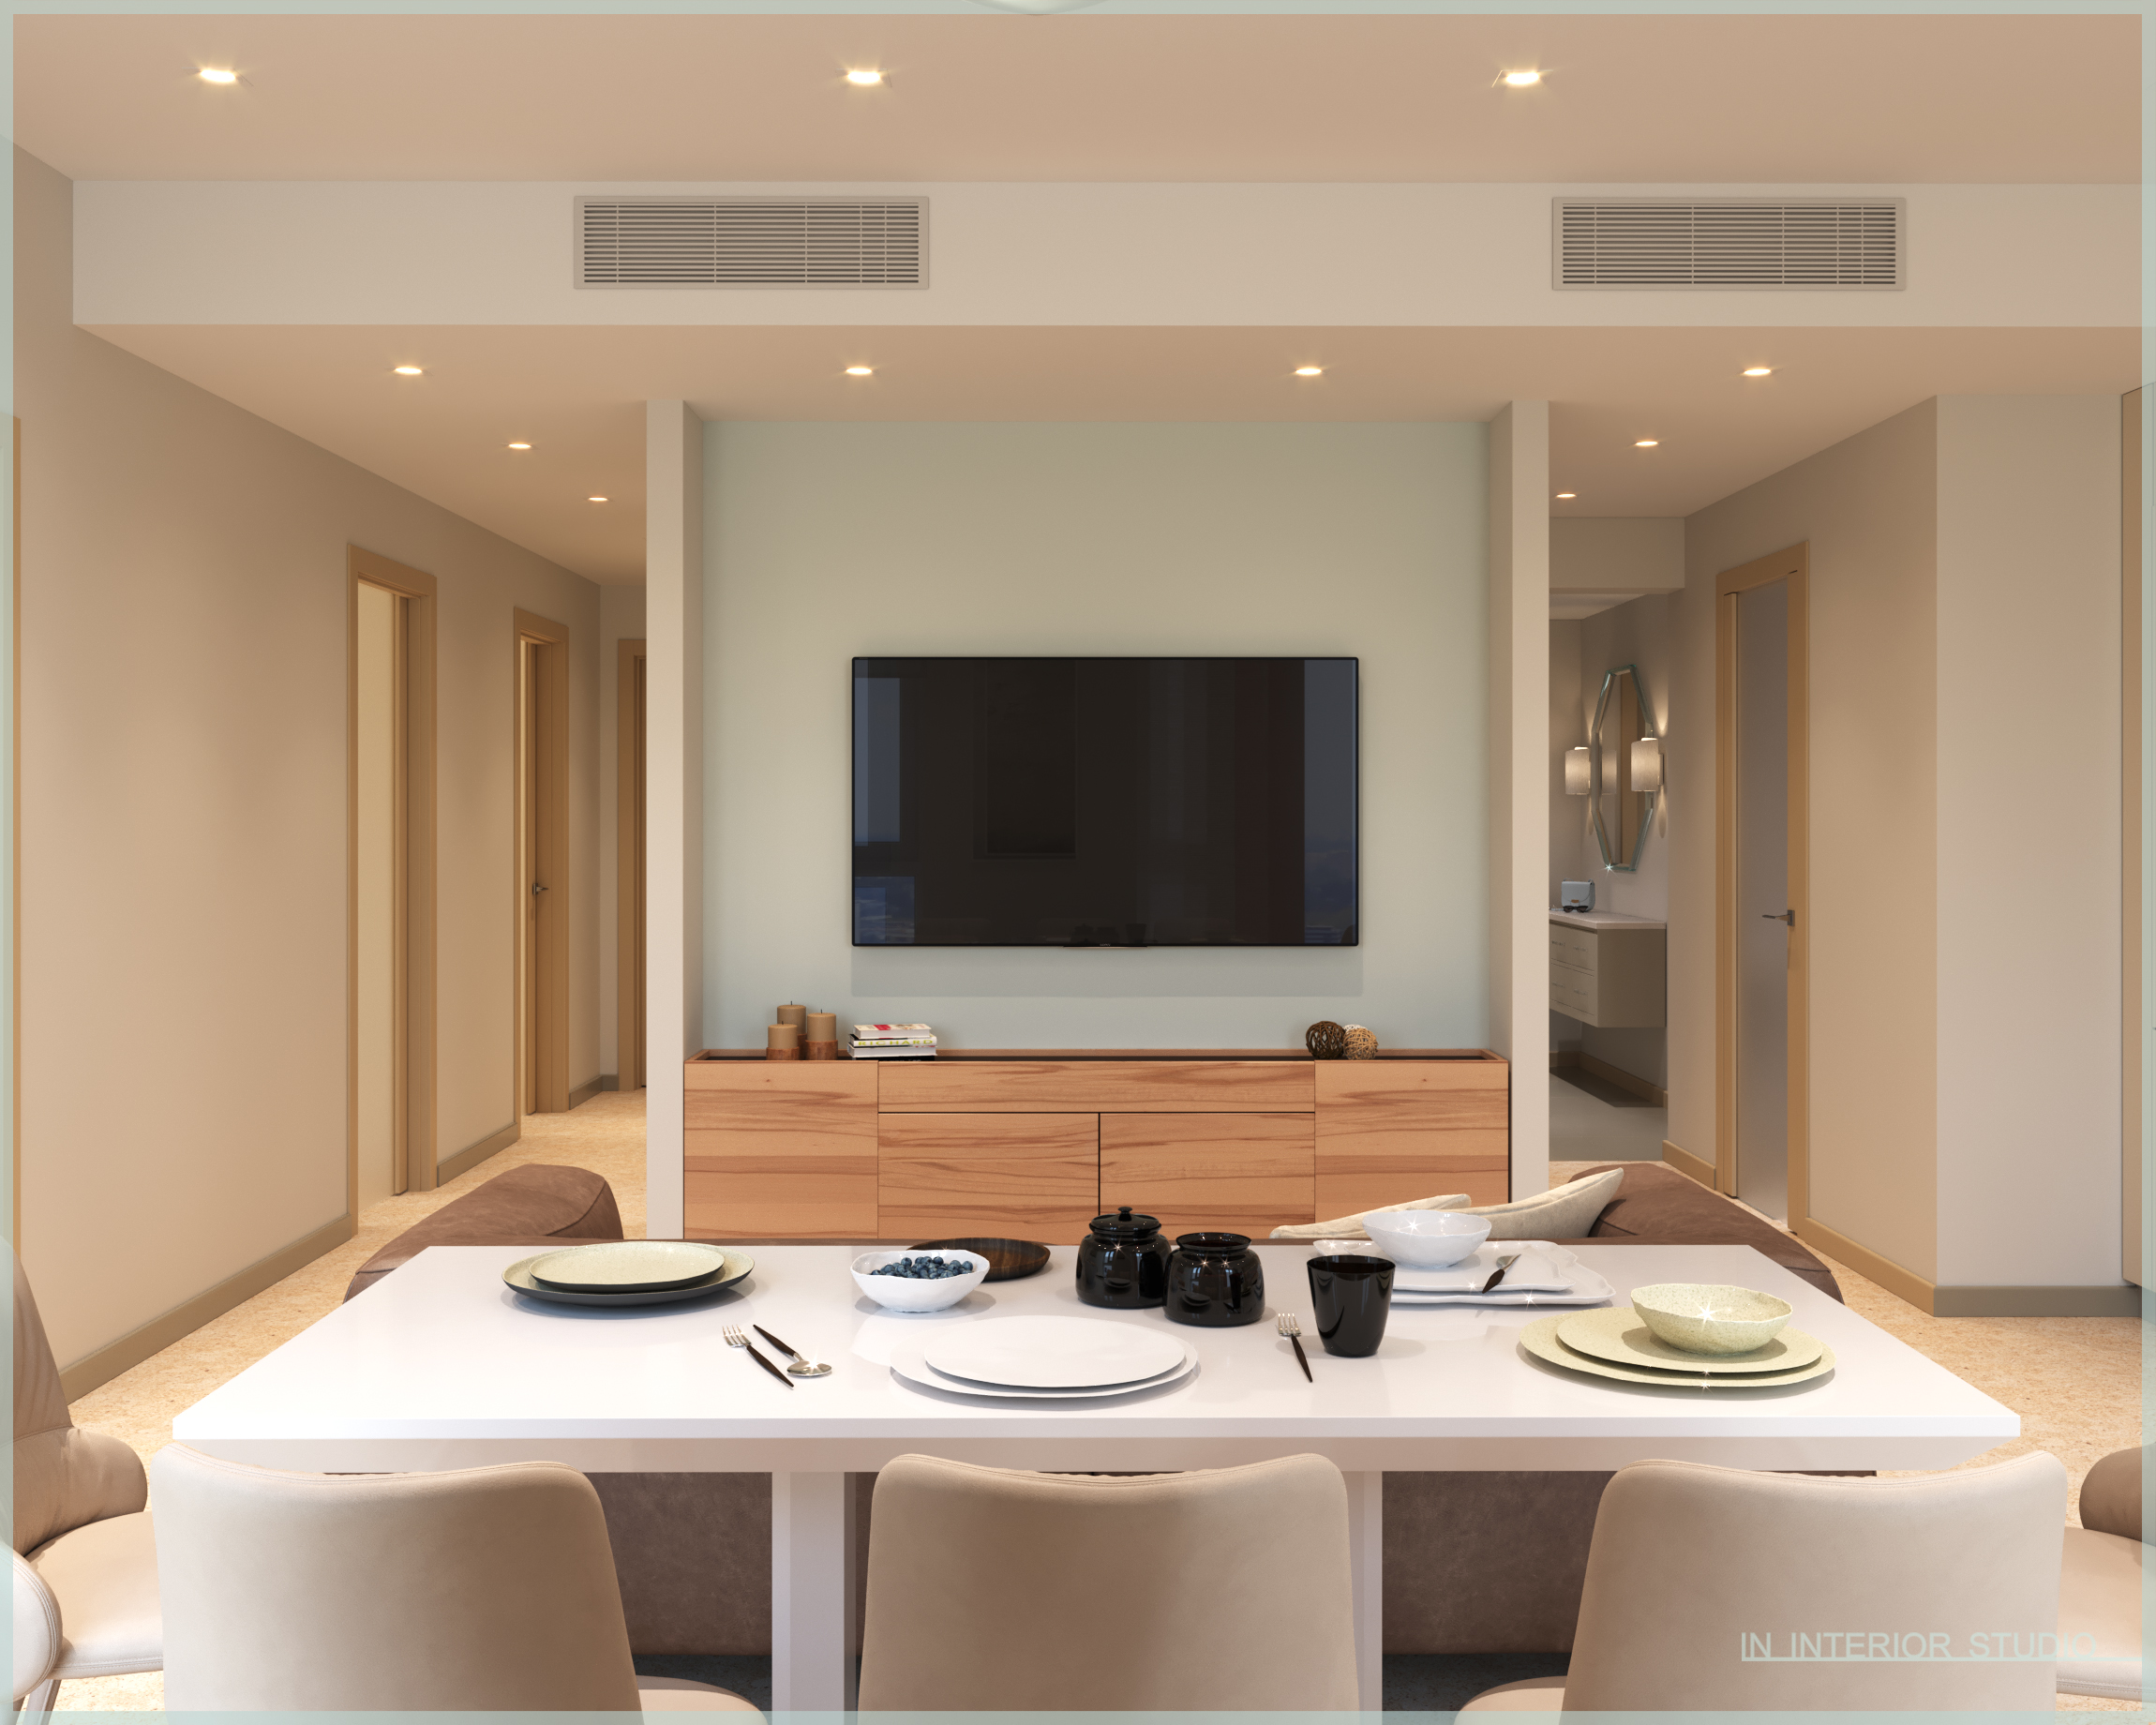 Гостиная, обеденная зона, вид на ТВ